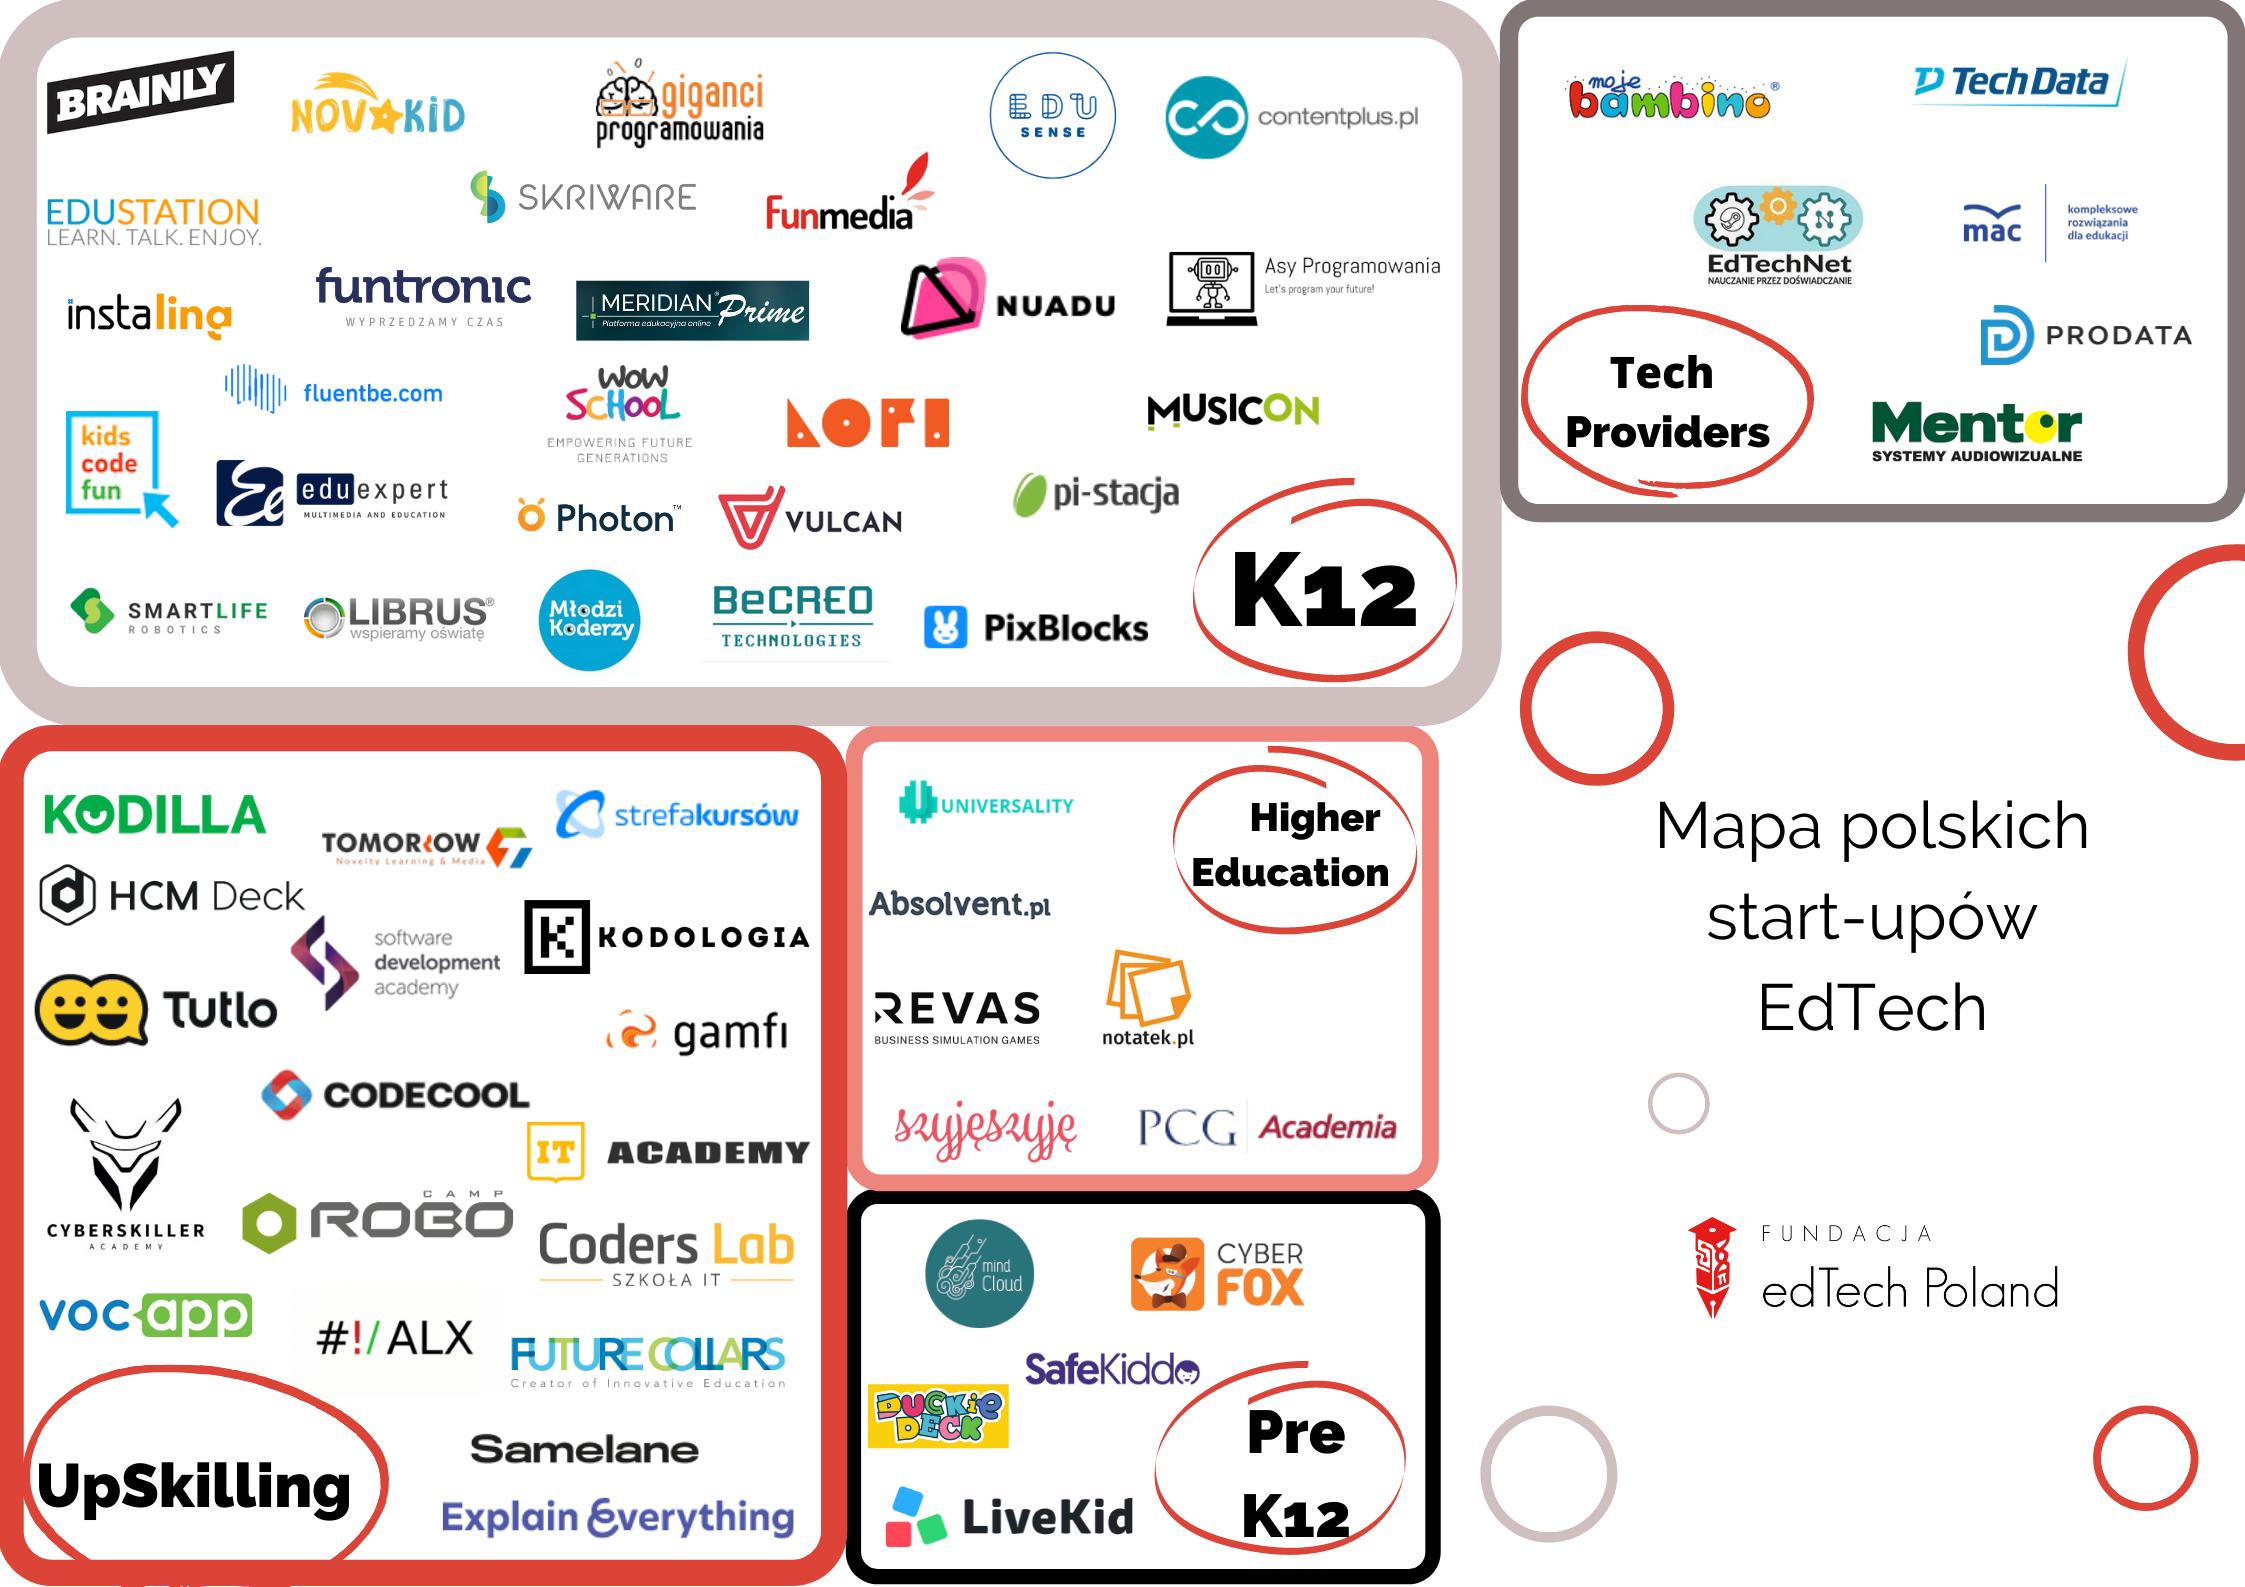 Mapa polskich start-upów EdTech